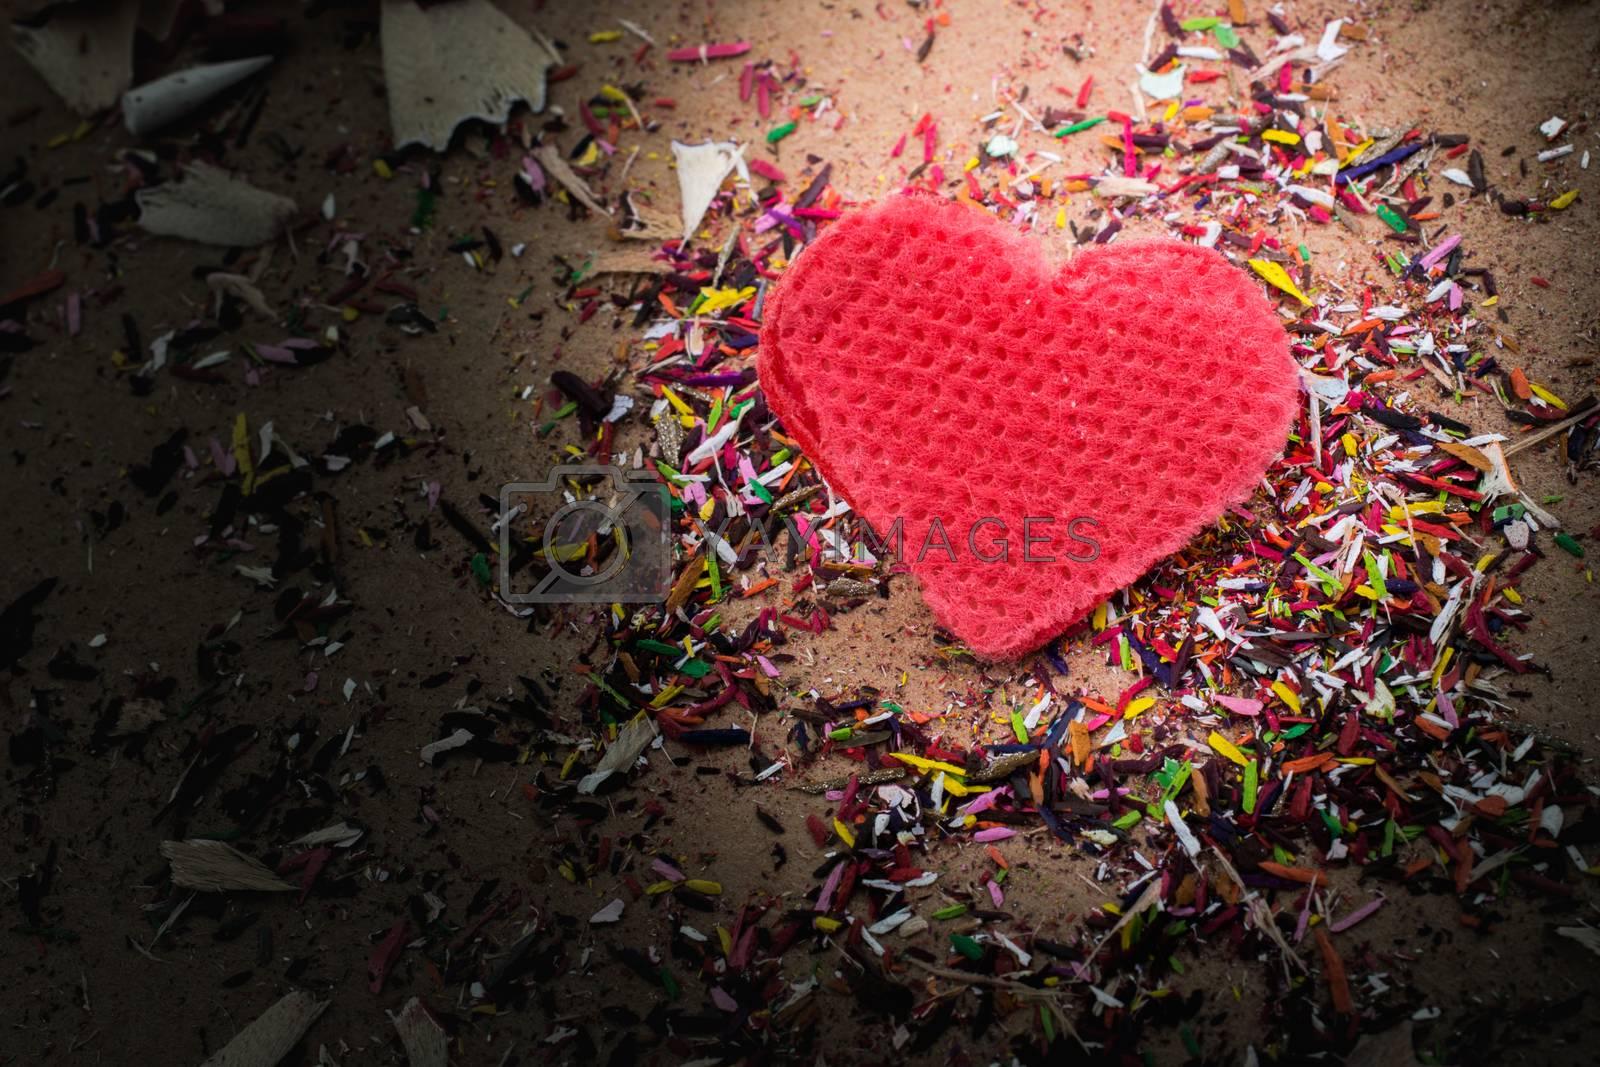 Heart shaped object amid pencil shavings